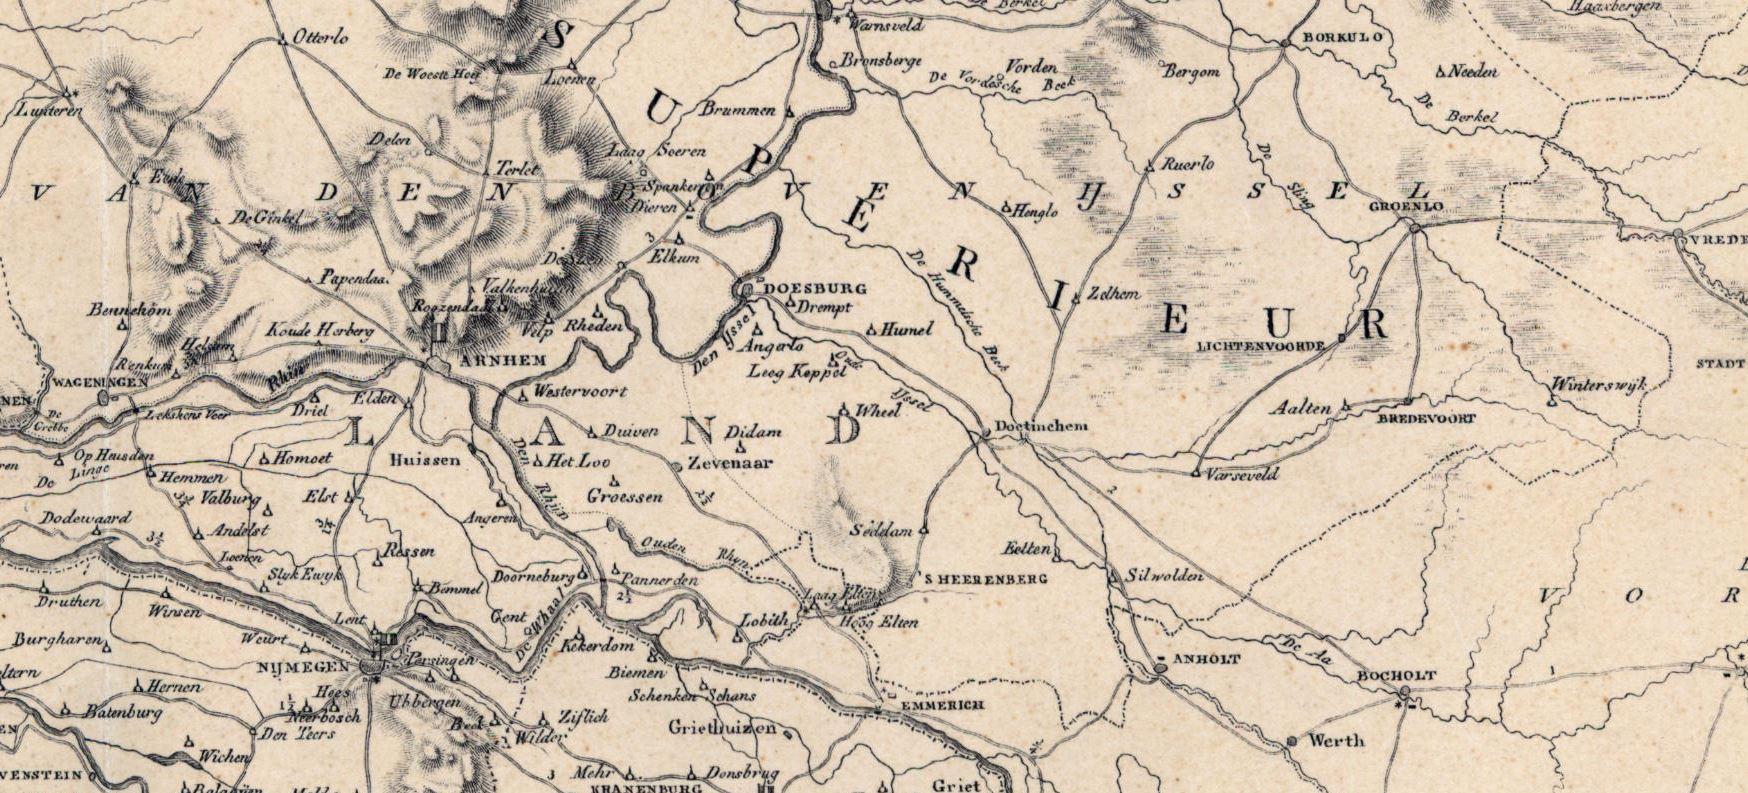 drempt-1815